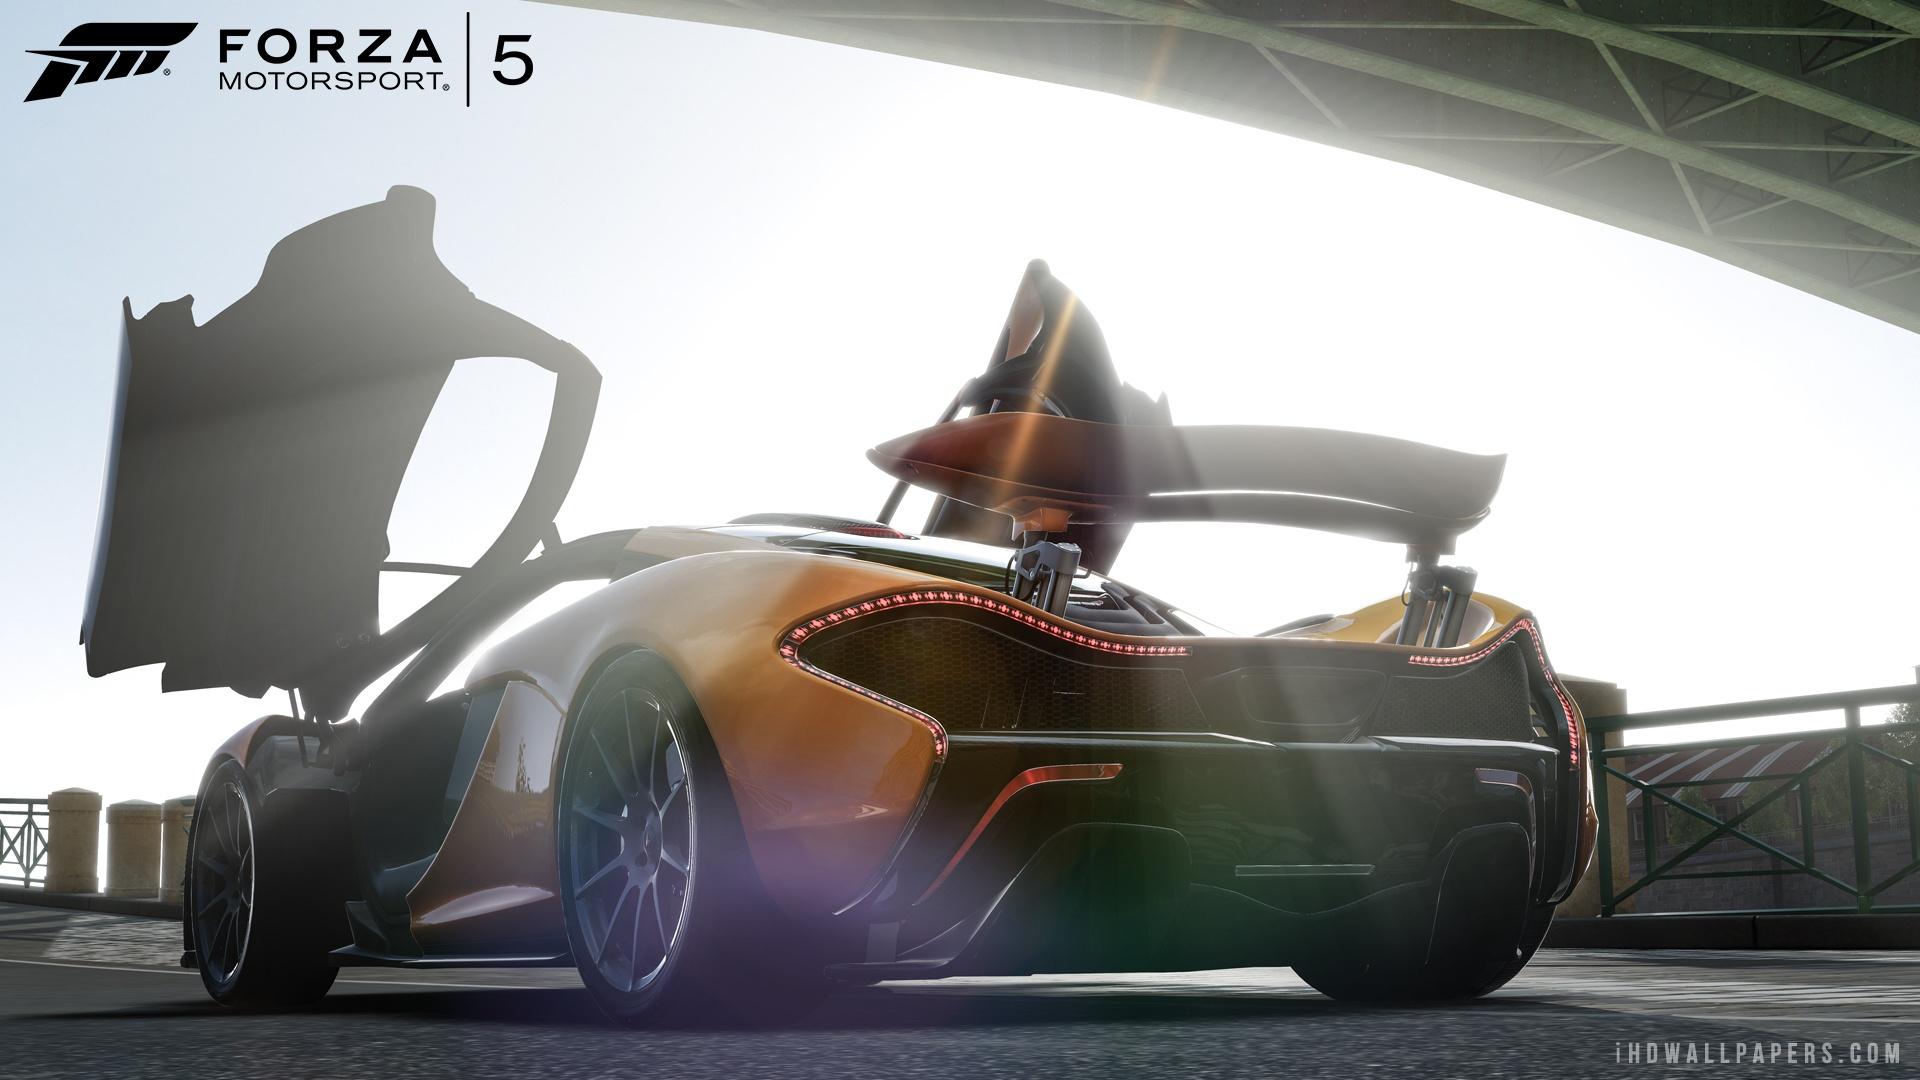 Forza Motorsport 5 McLaren P1 HD Wallpaper   iHD Wallpapers 1920x1080